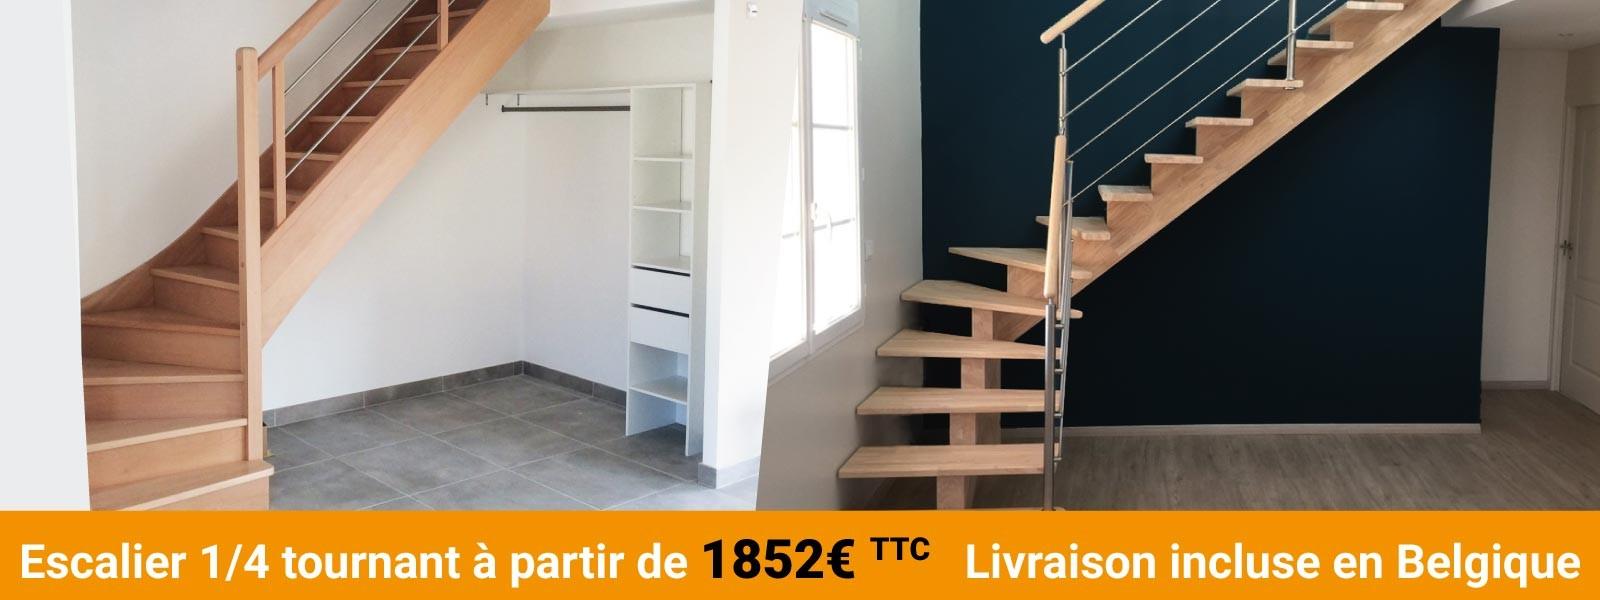 Acheter un escalier sur-mesure partout en Belgique, c'est simple